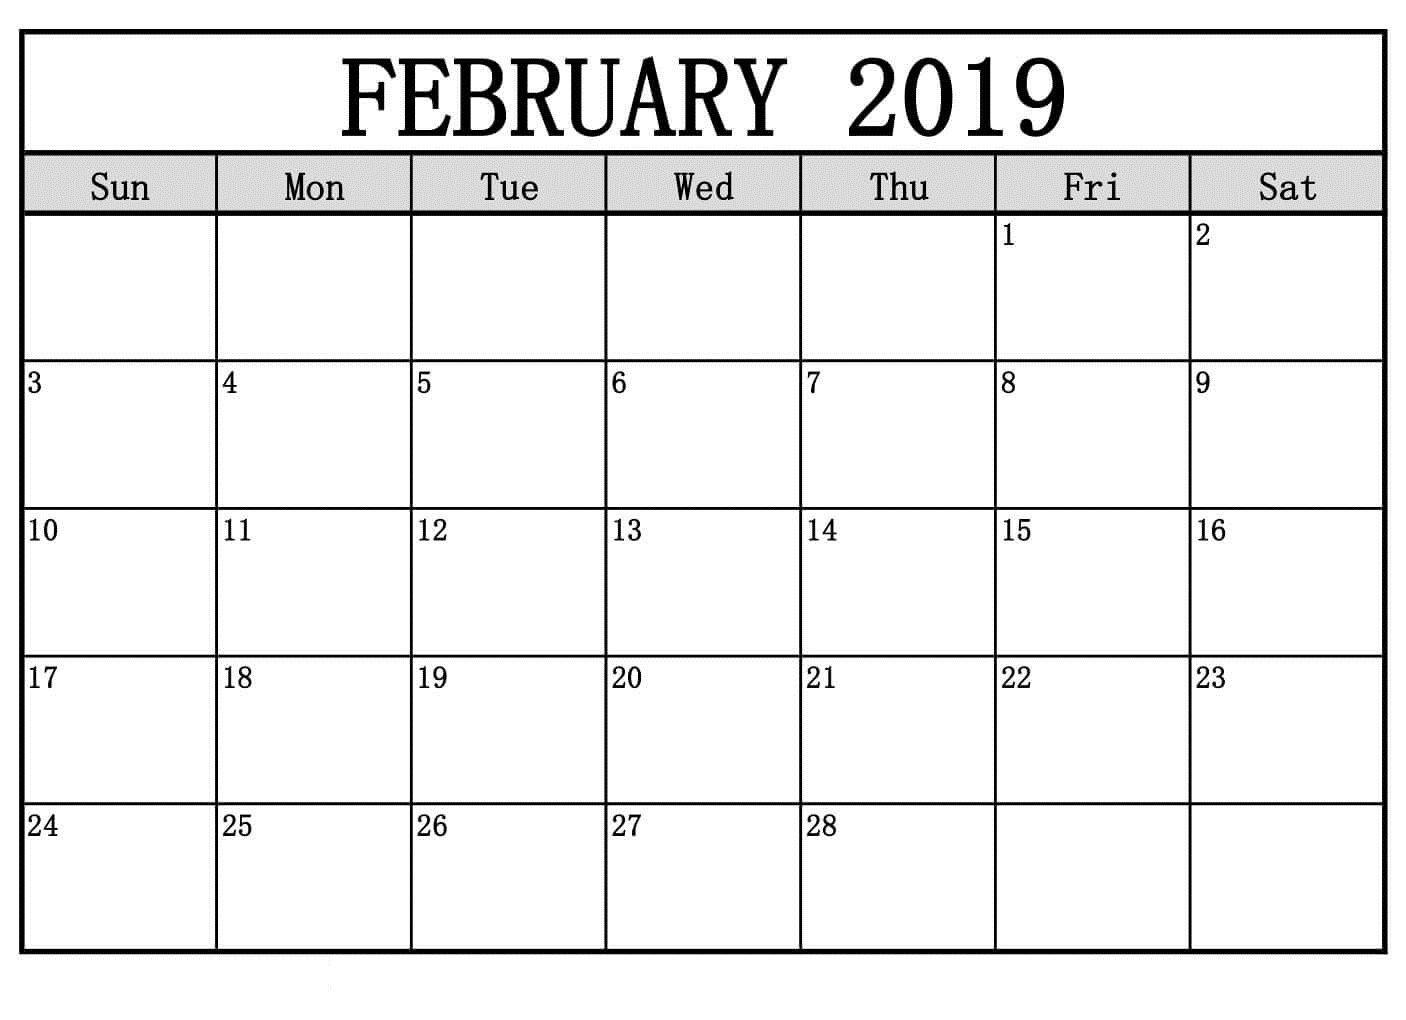 February Calendar 2019 To Do List | February Calendar 2019 Manage Calendar 2019 List